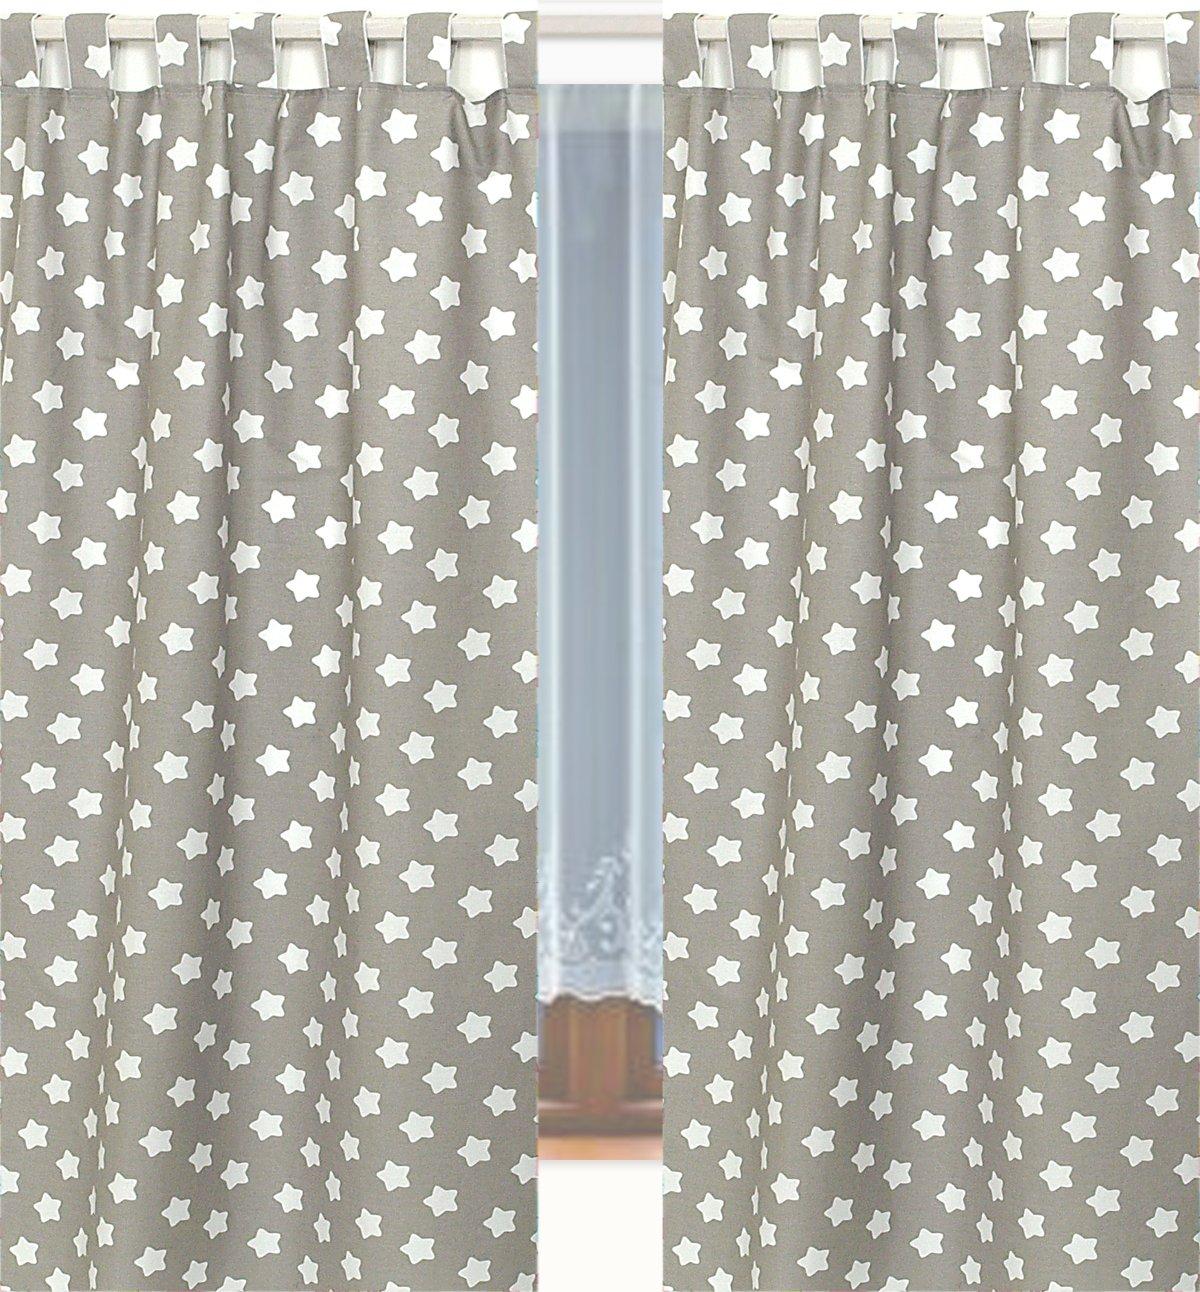 2x tende grigie con stelle bianche per bambino nursery cameretta dei bambin